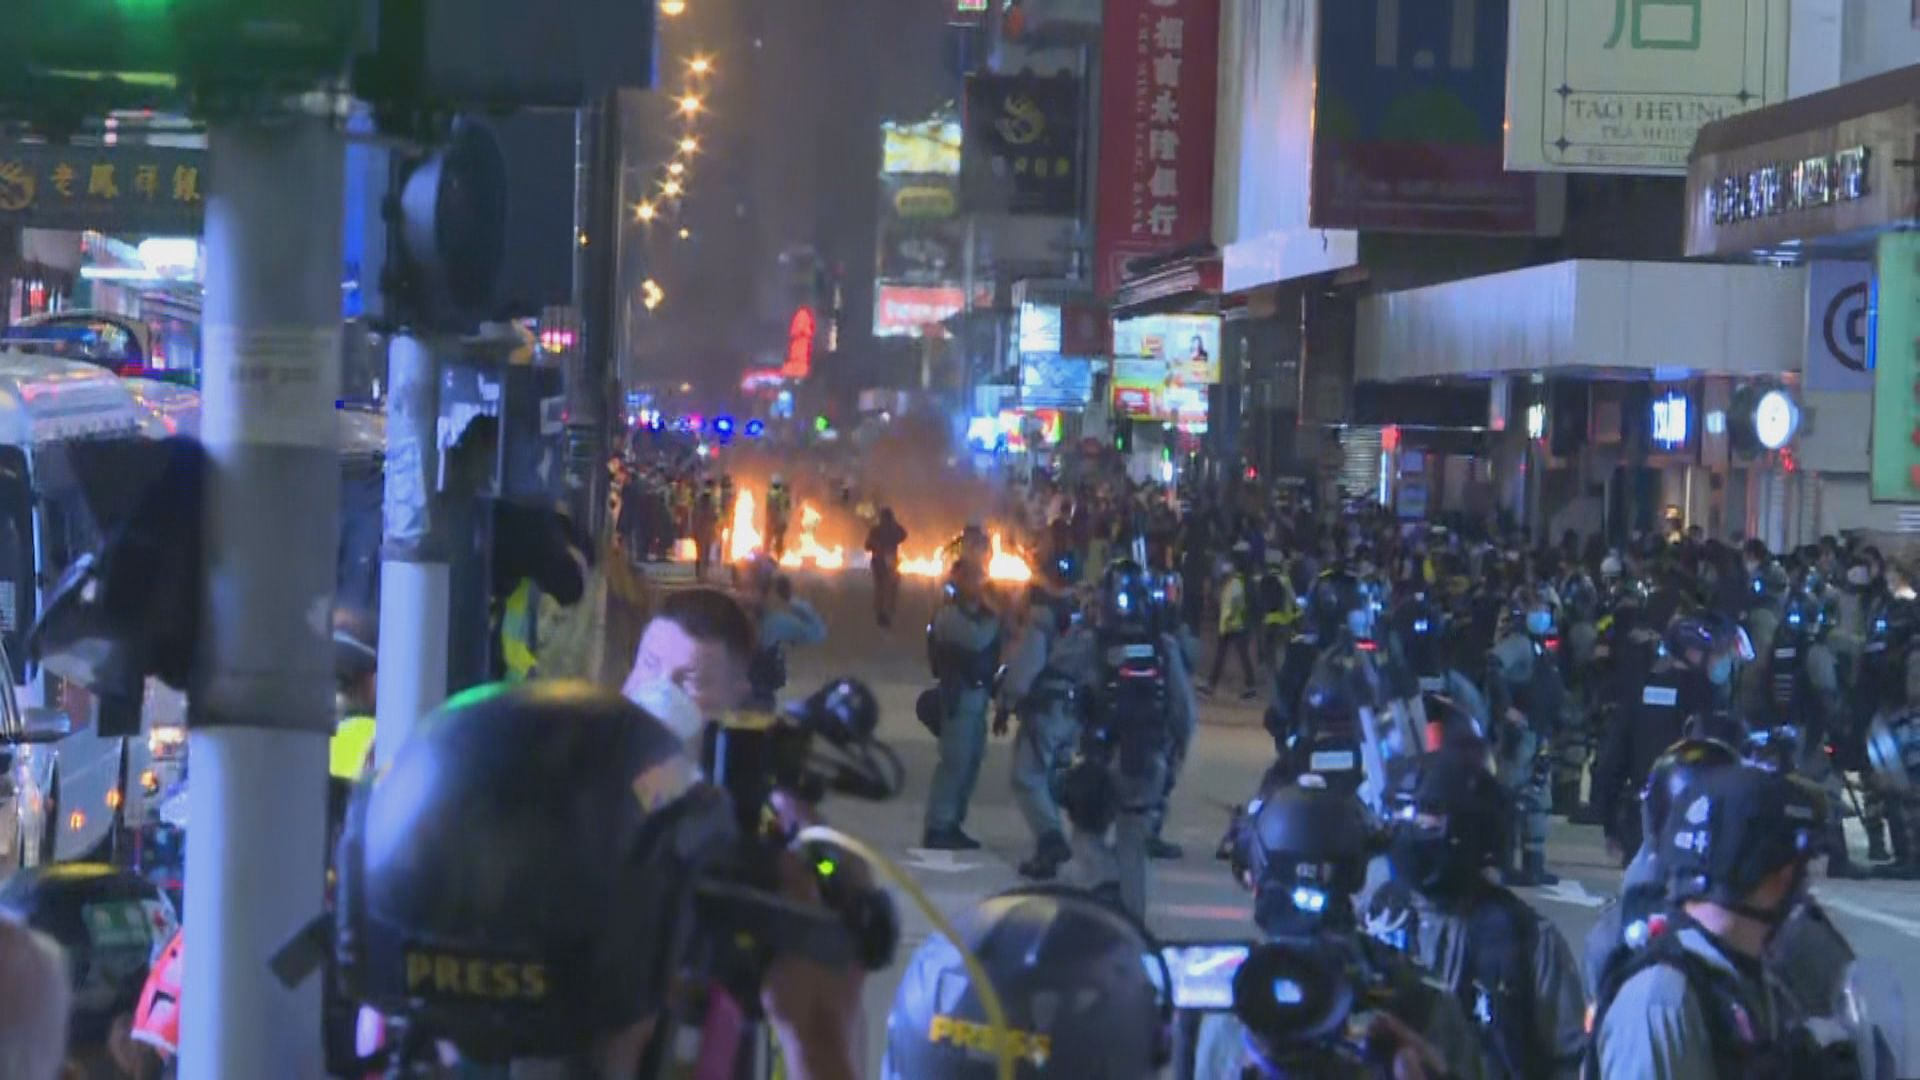 旺角有人堵路及擲汽油彈 警施放催淚彈